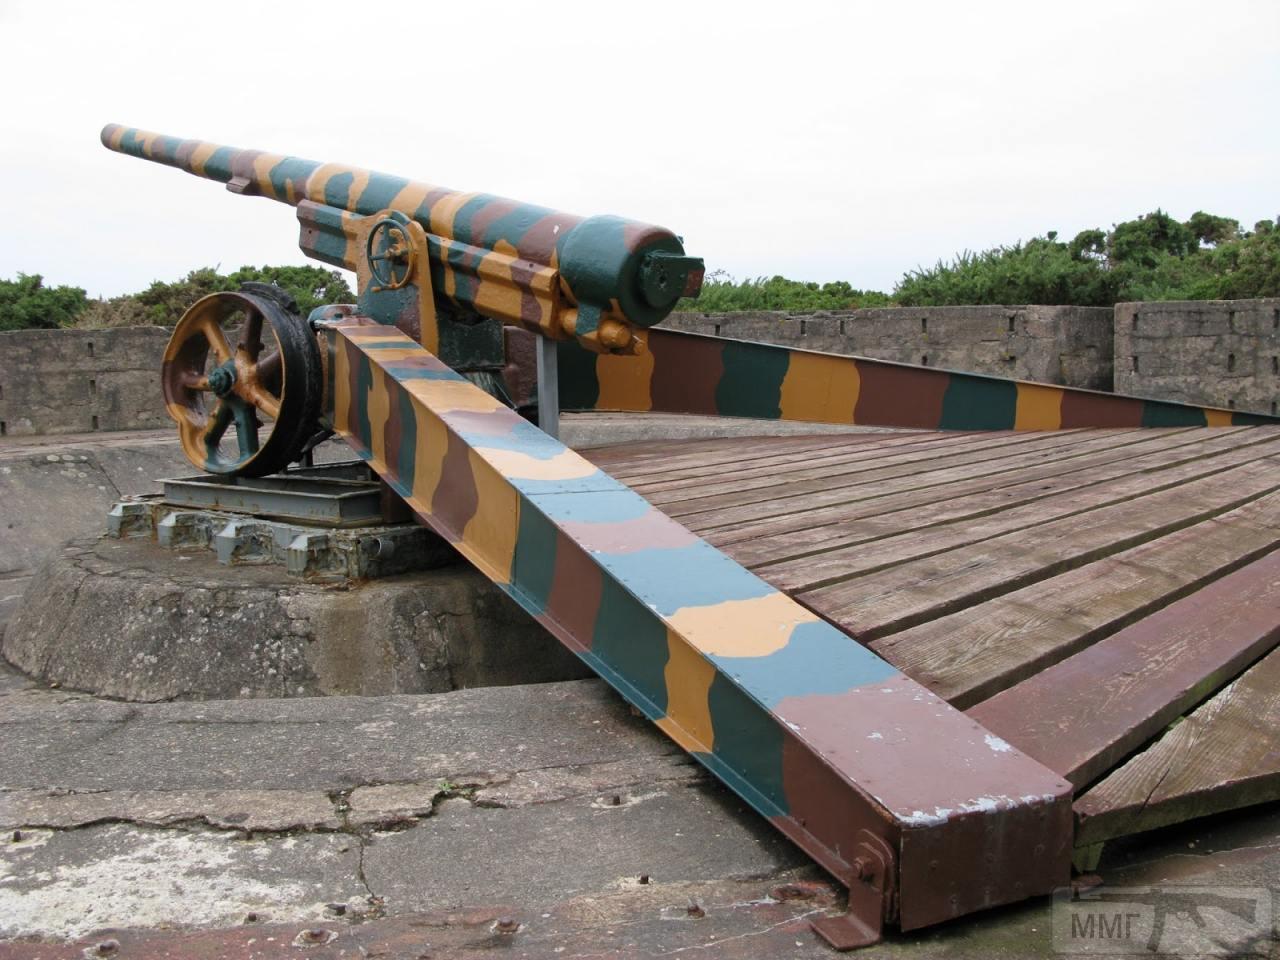 94859 - Корабельные пушки-монстры в музеях и во дворах...